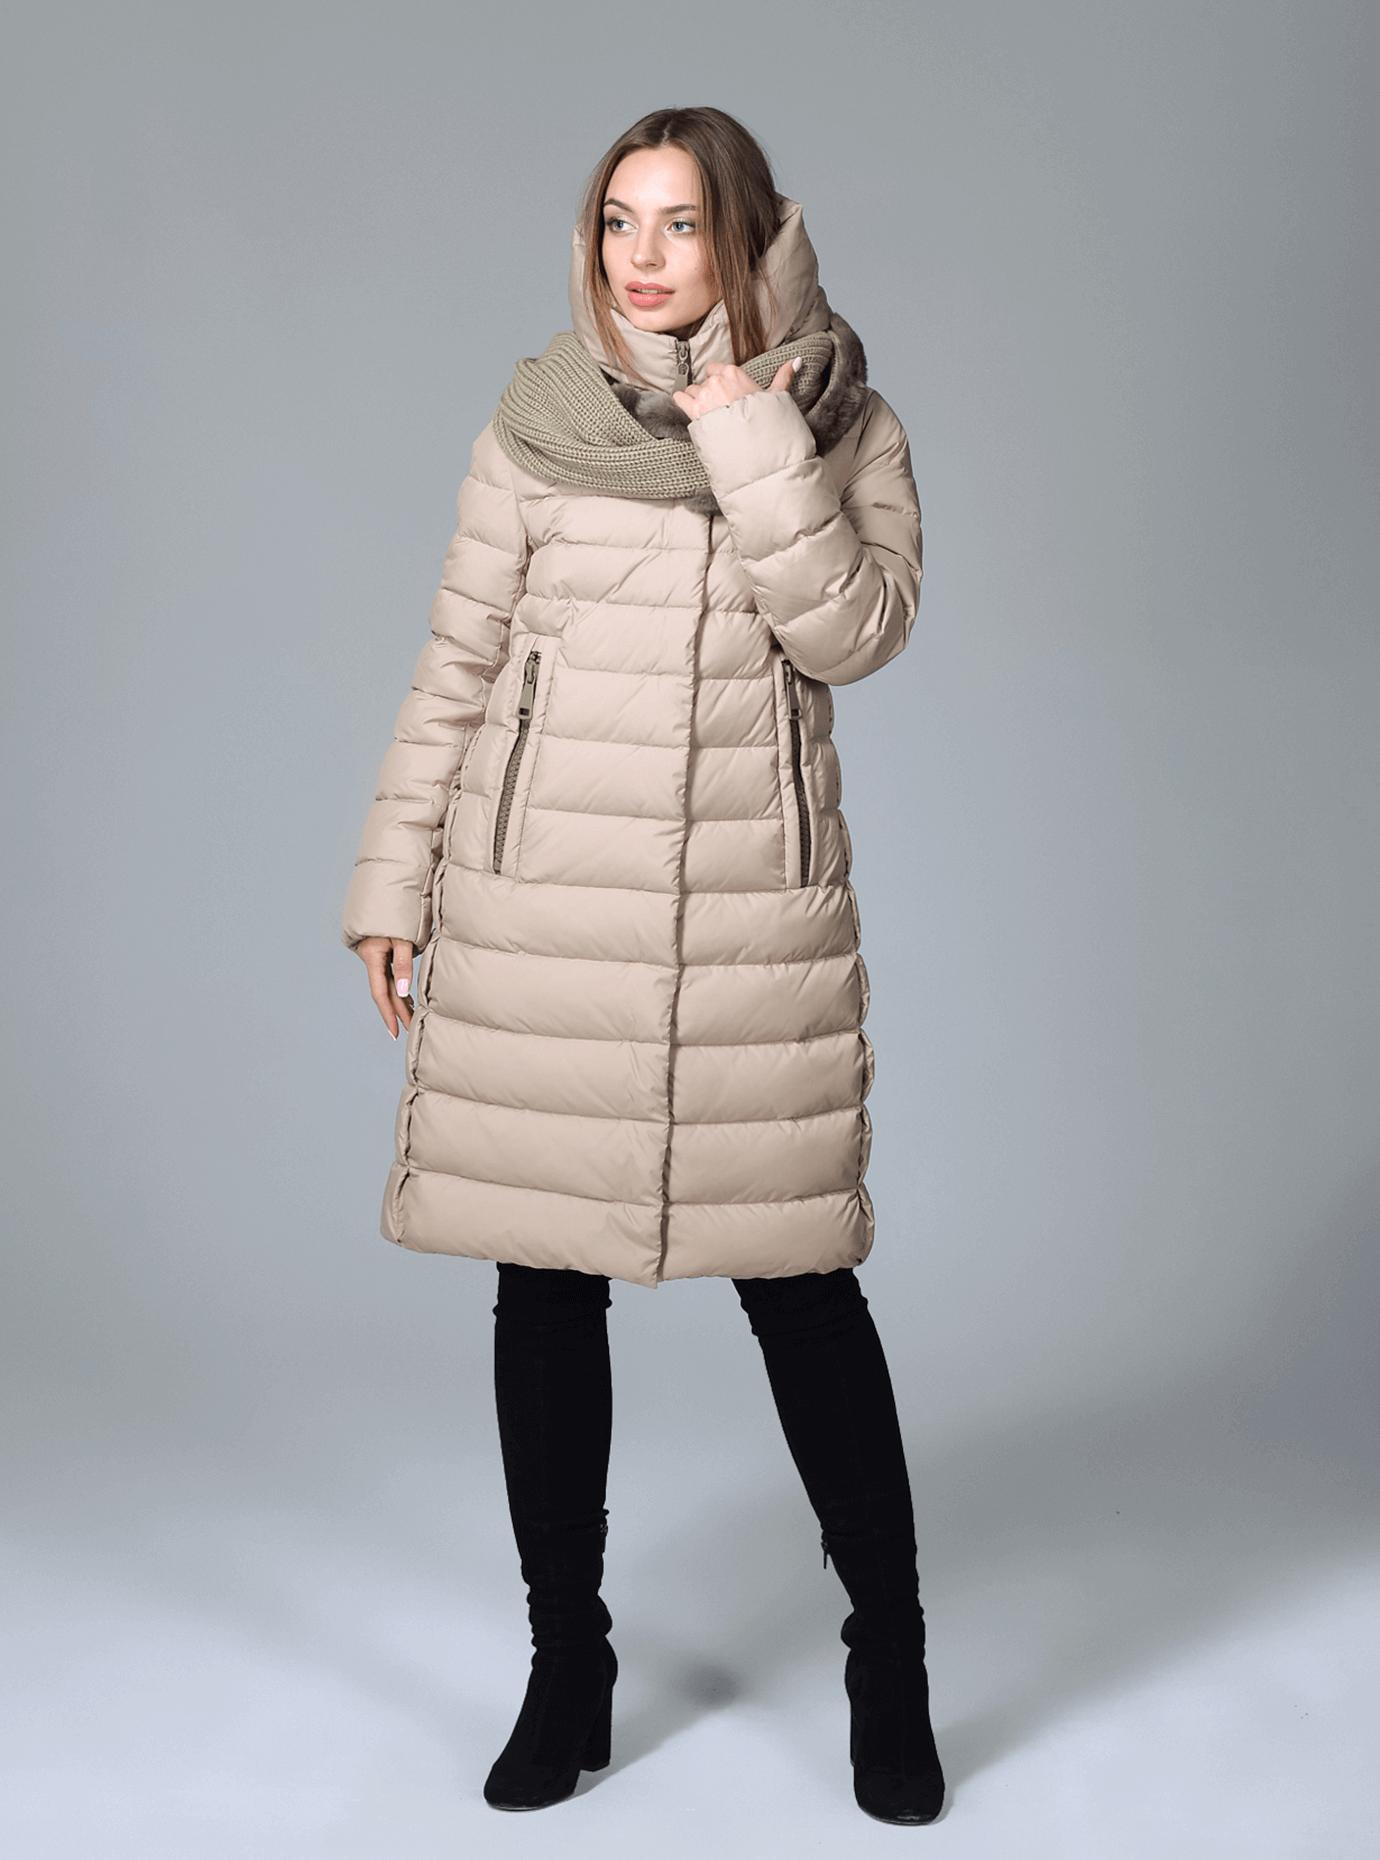 Куртка зимняя женская с шарфом Чёрный S (02-CR170232): фото - Alster.ua